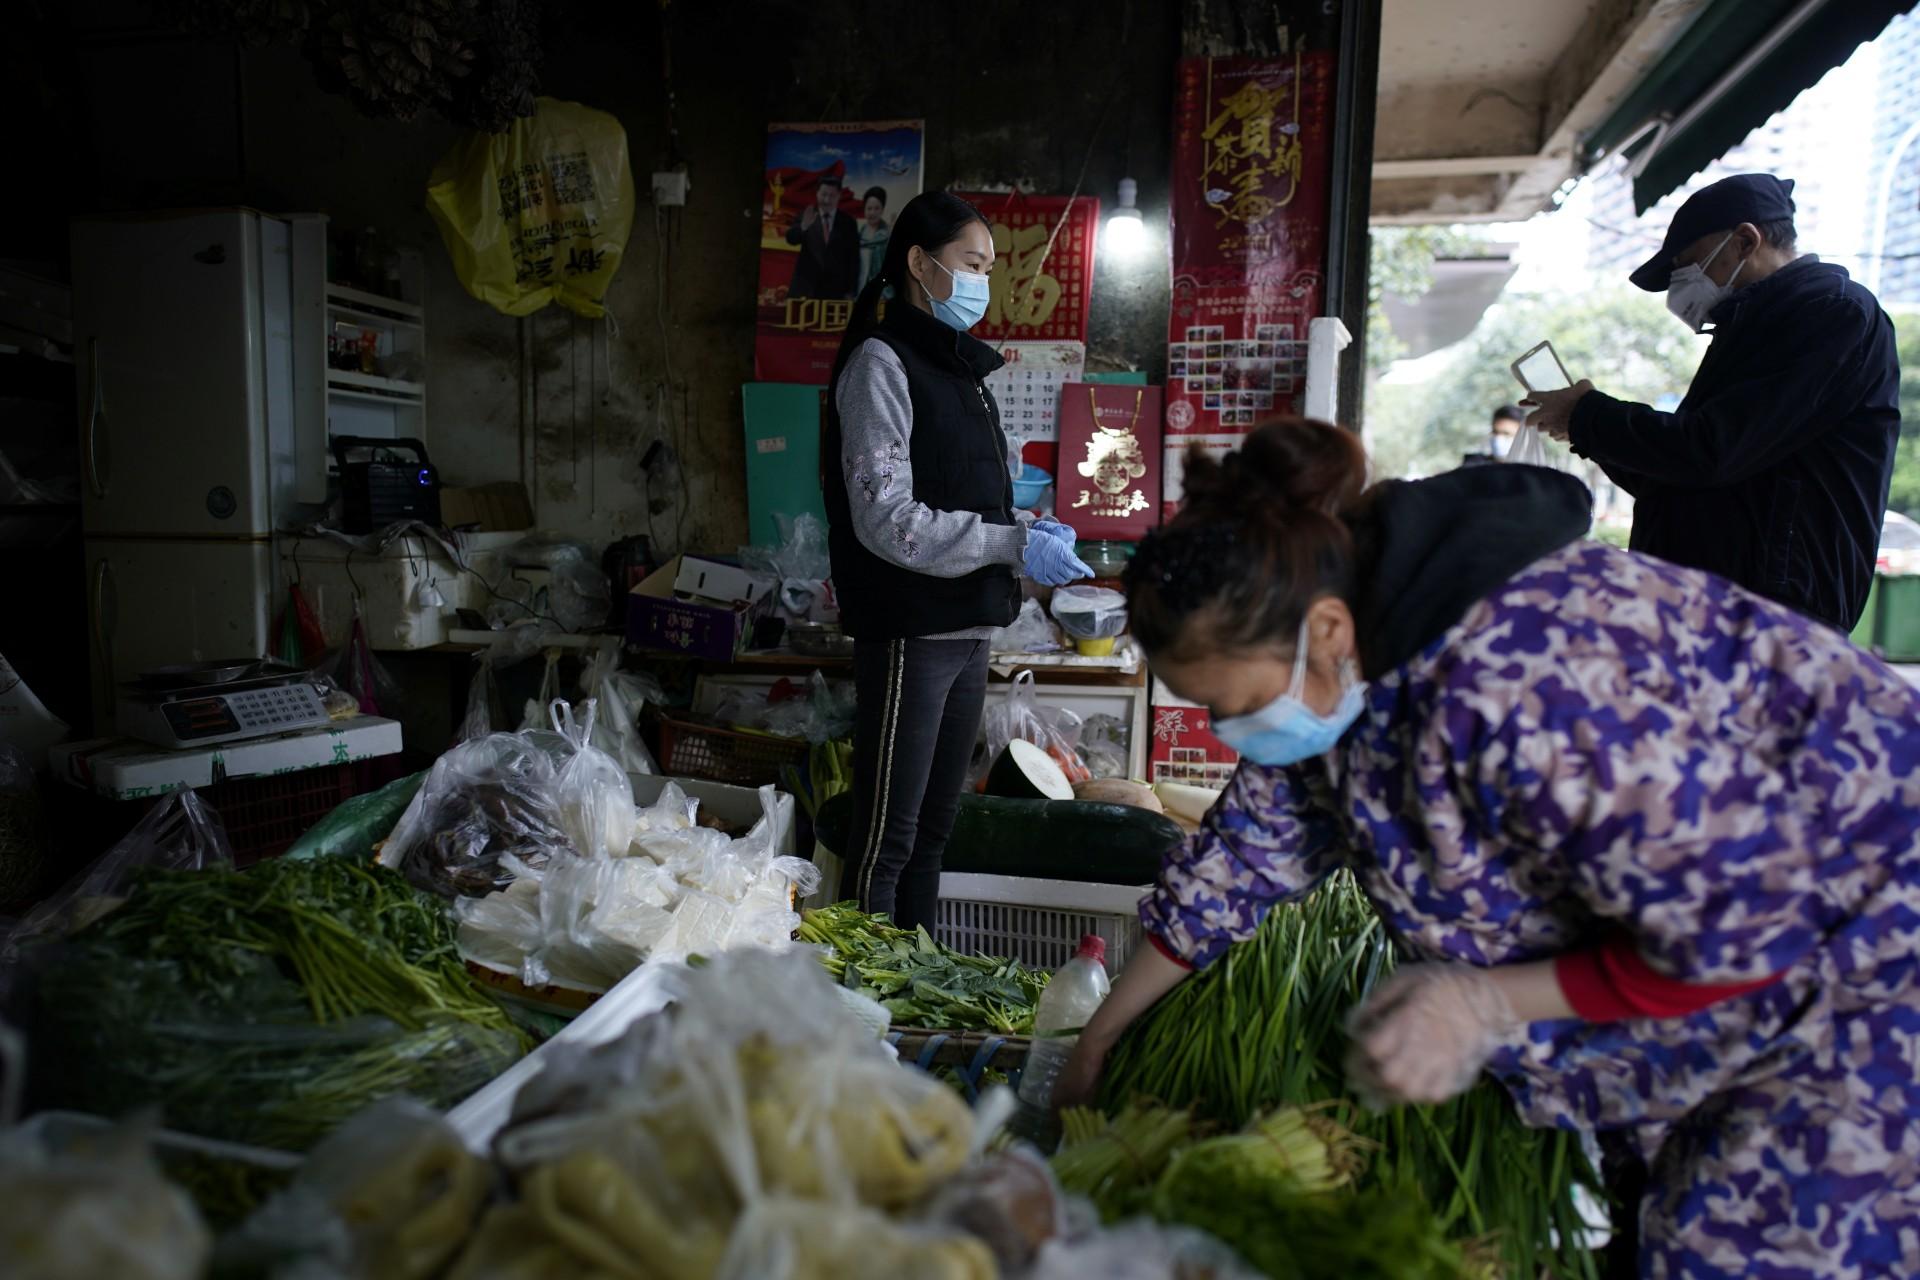 HEALTH-CORONAVIRUS-CHINA-WUHAN